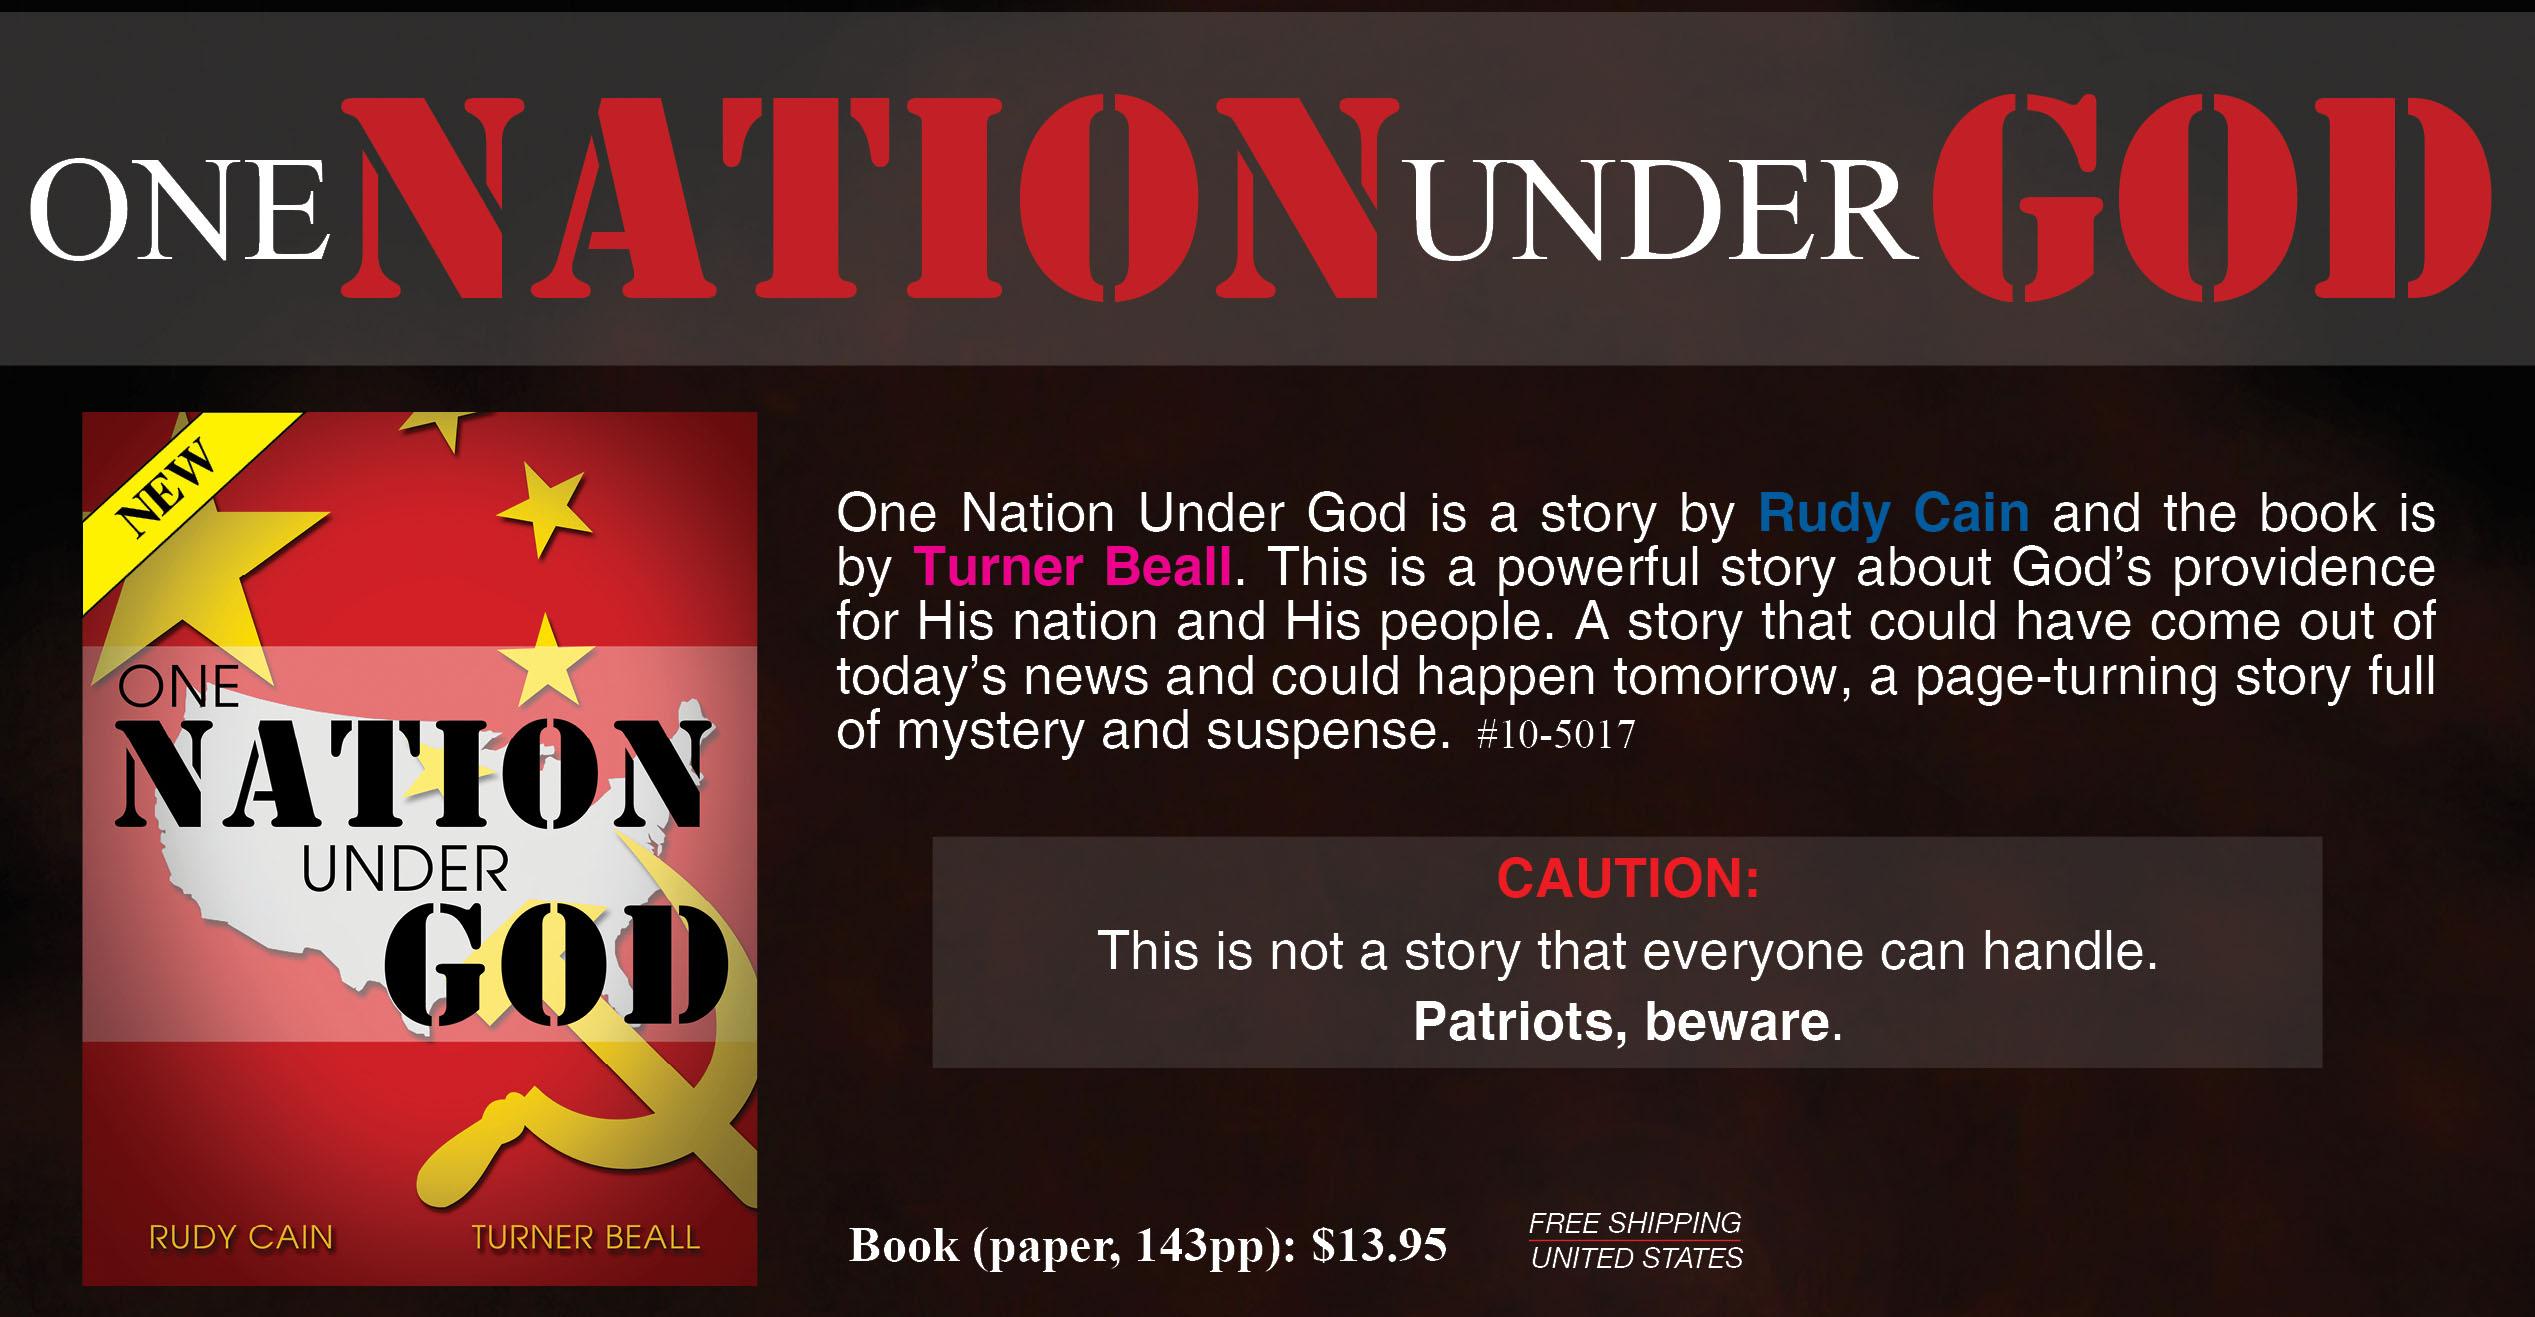 One Nation Under God Book